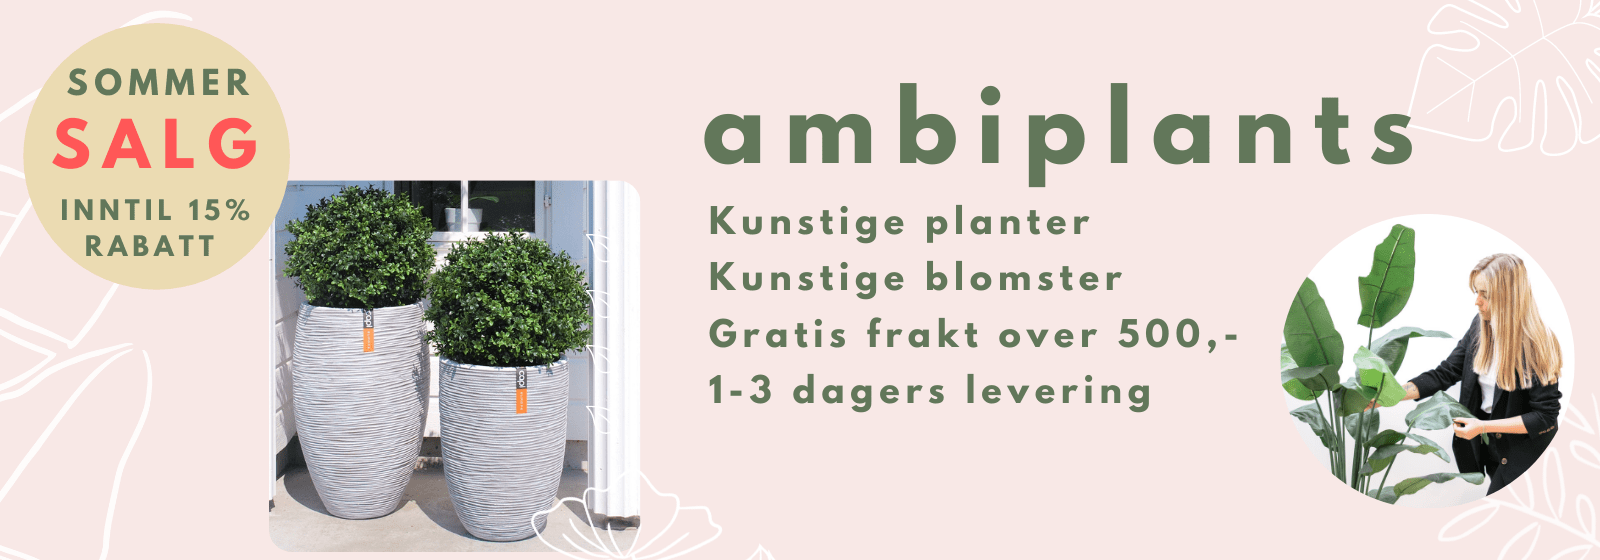 Alt innen kunstige planter - Høy kvalitet og gratis frakt